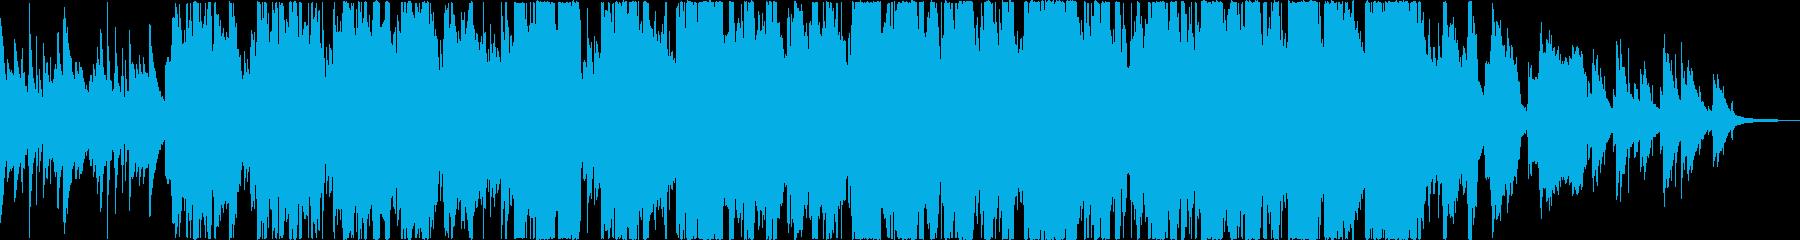 隠れた名曲 ケルト伝承曲の再生済みの波形